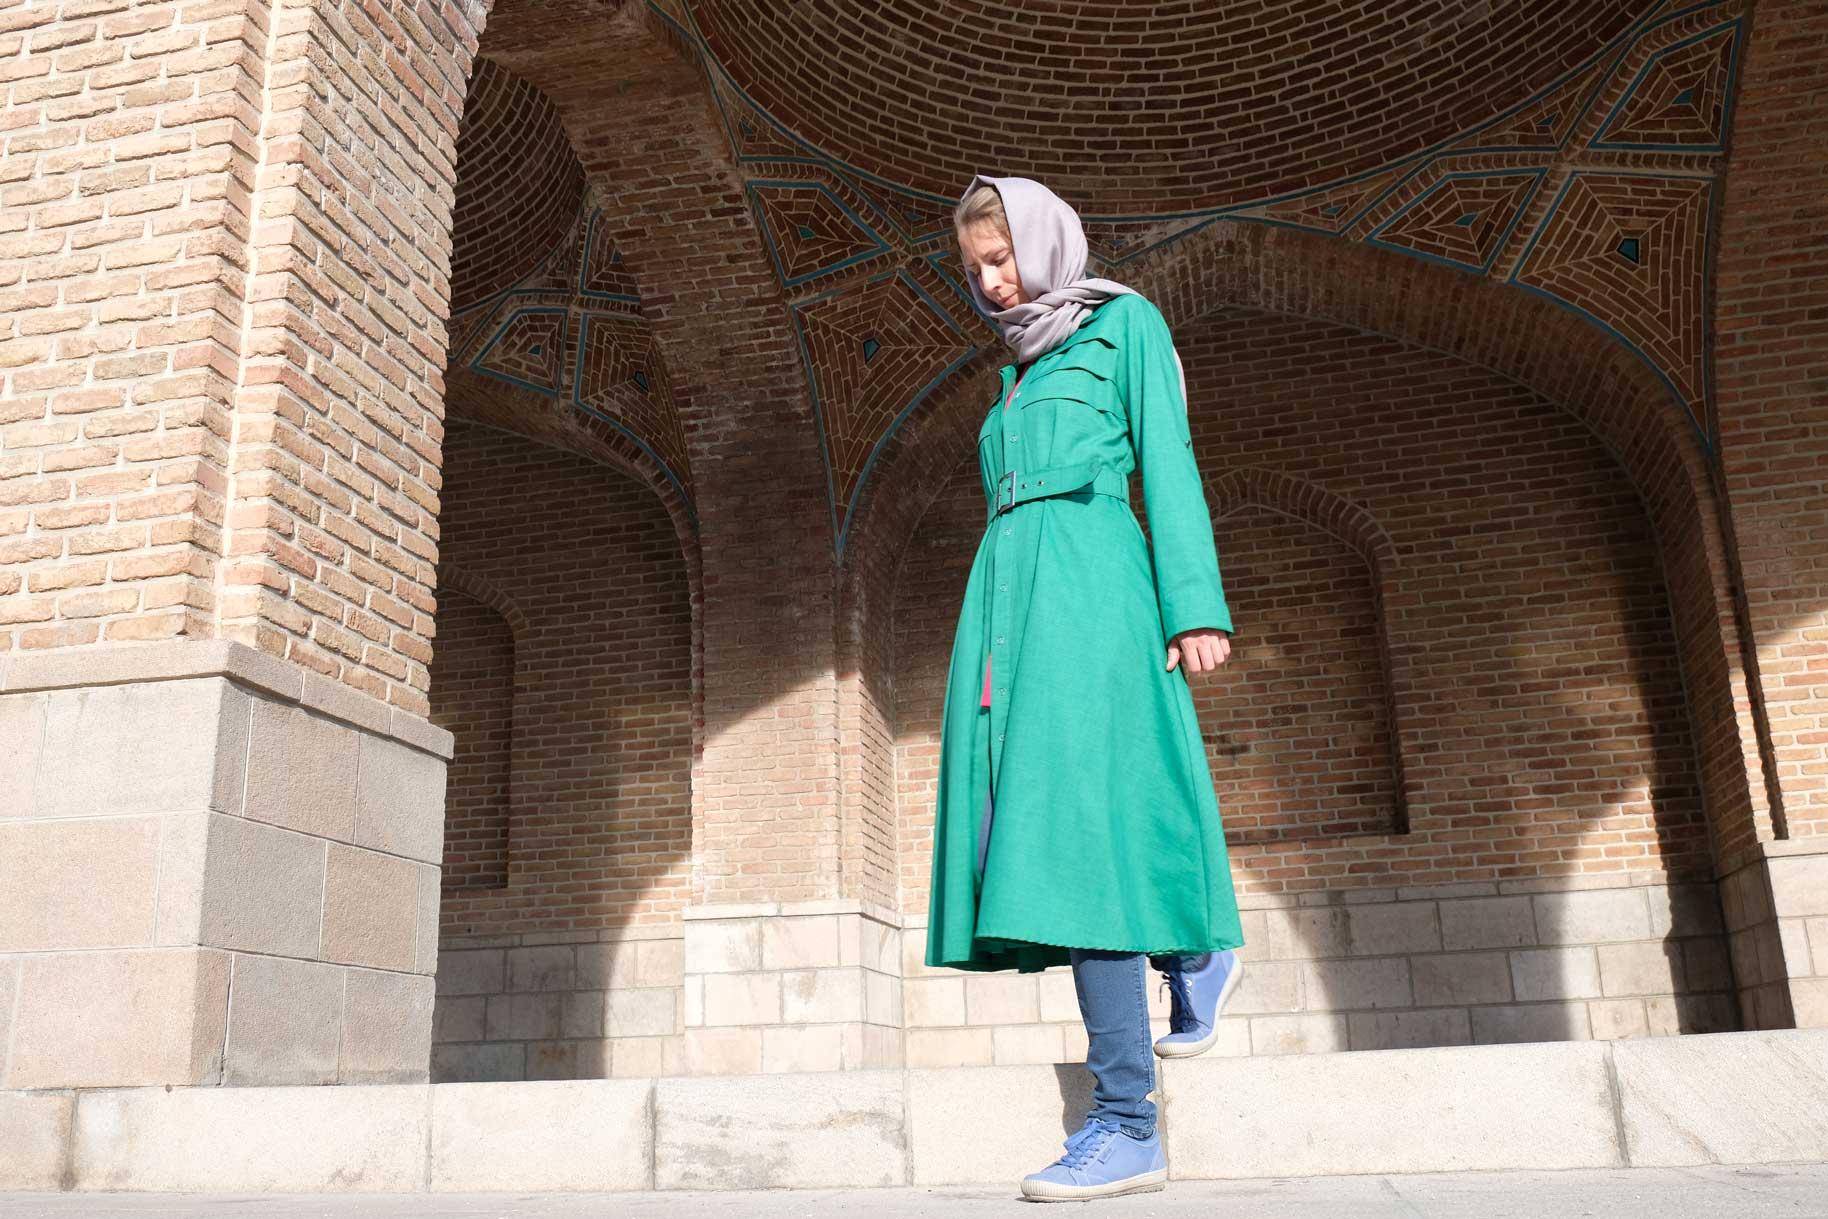 Der in der Türkei erstandene Mantel ist leicht und toll, wurde aber trotzdem irgendwann zu warm. Nun hat er eine neue Besitzerin...